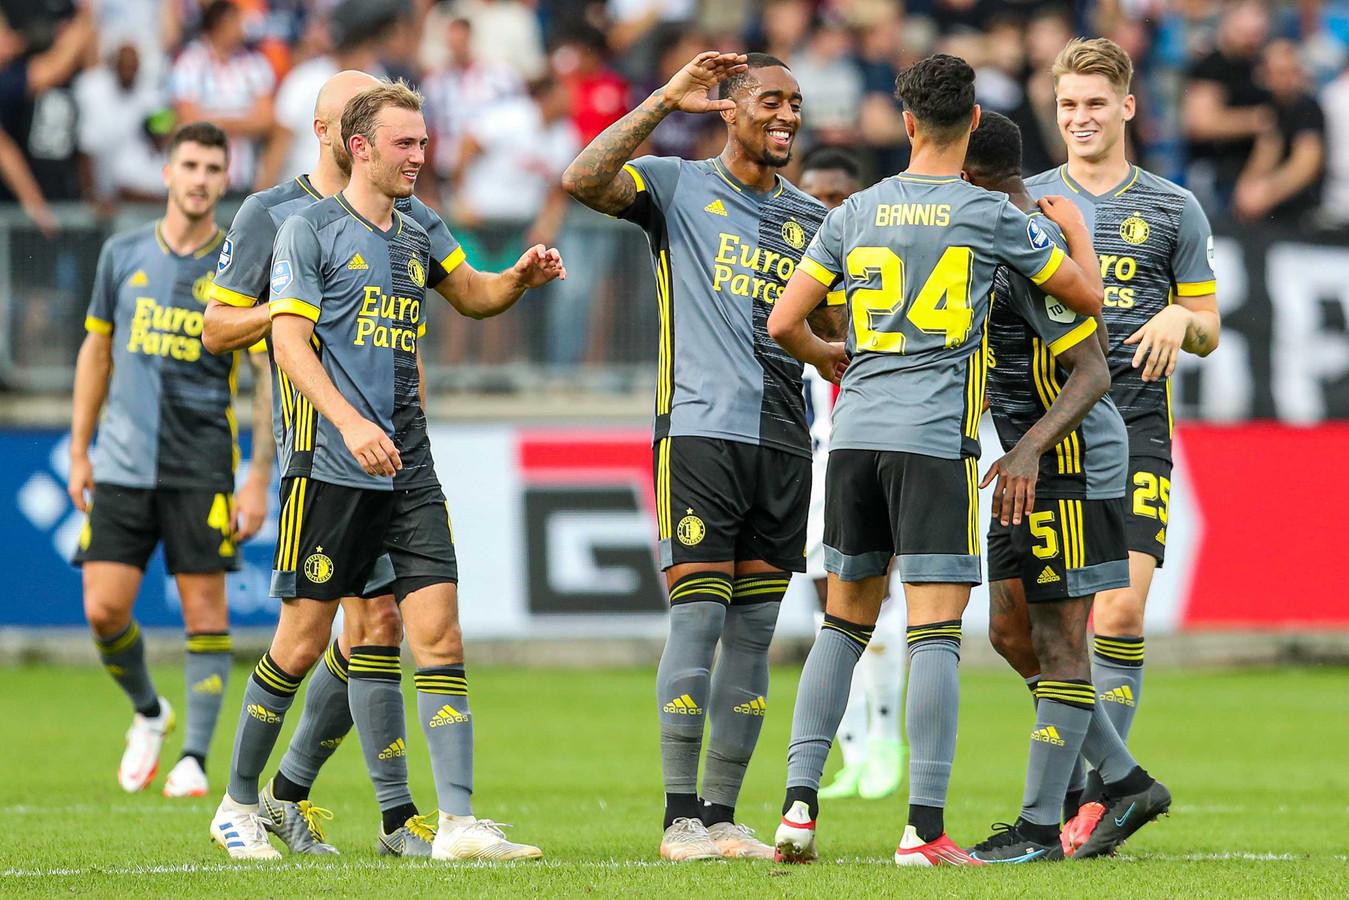 Naoufal Bannis maakte in de blessuretijd nog de 0-4 voor Feyenoord.